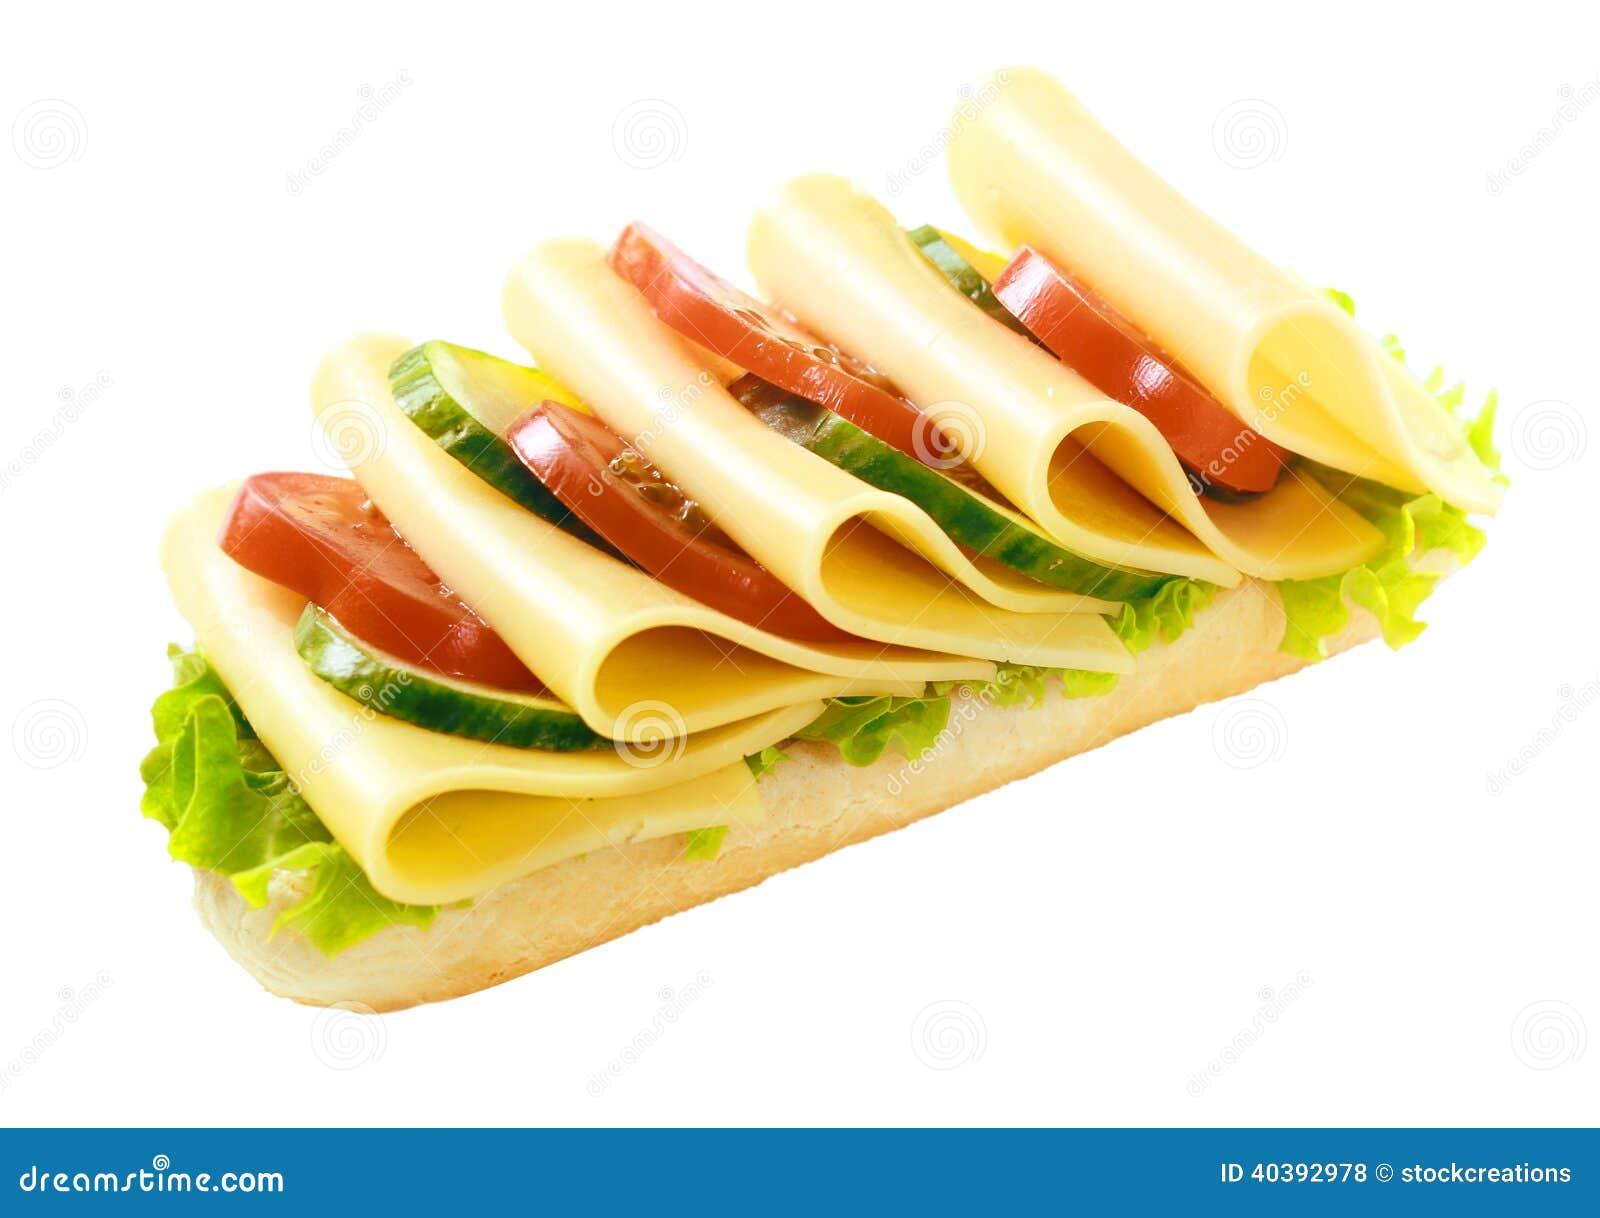 Baguette vegetariano sano del Gouda y de la ensalada